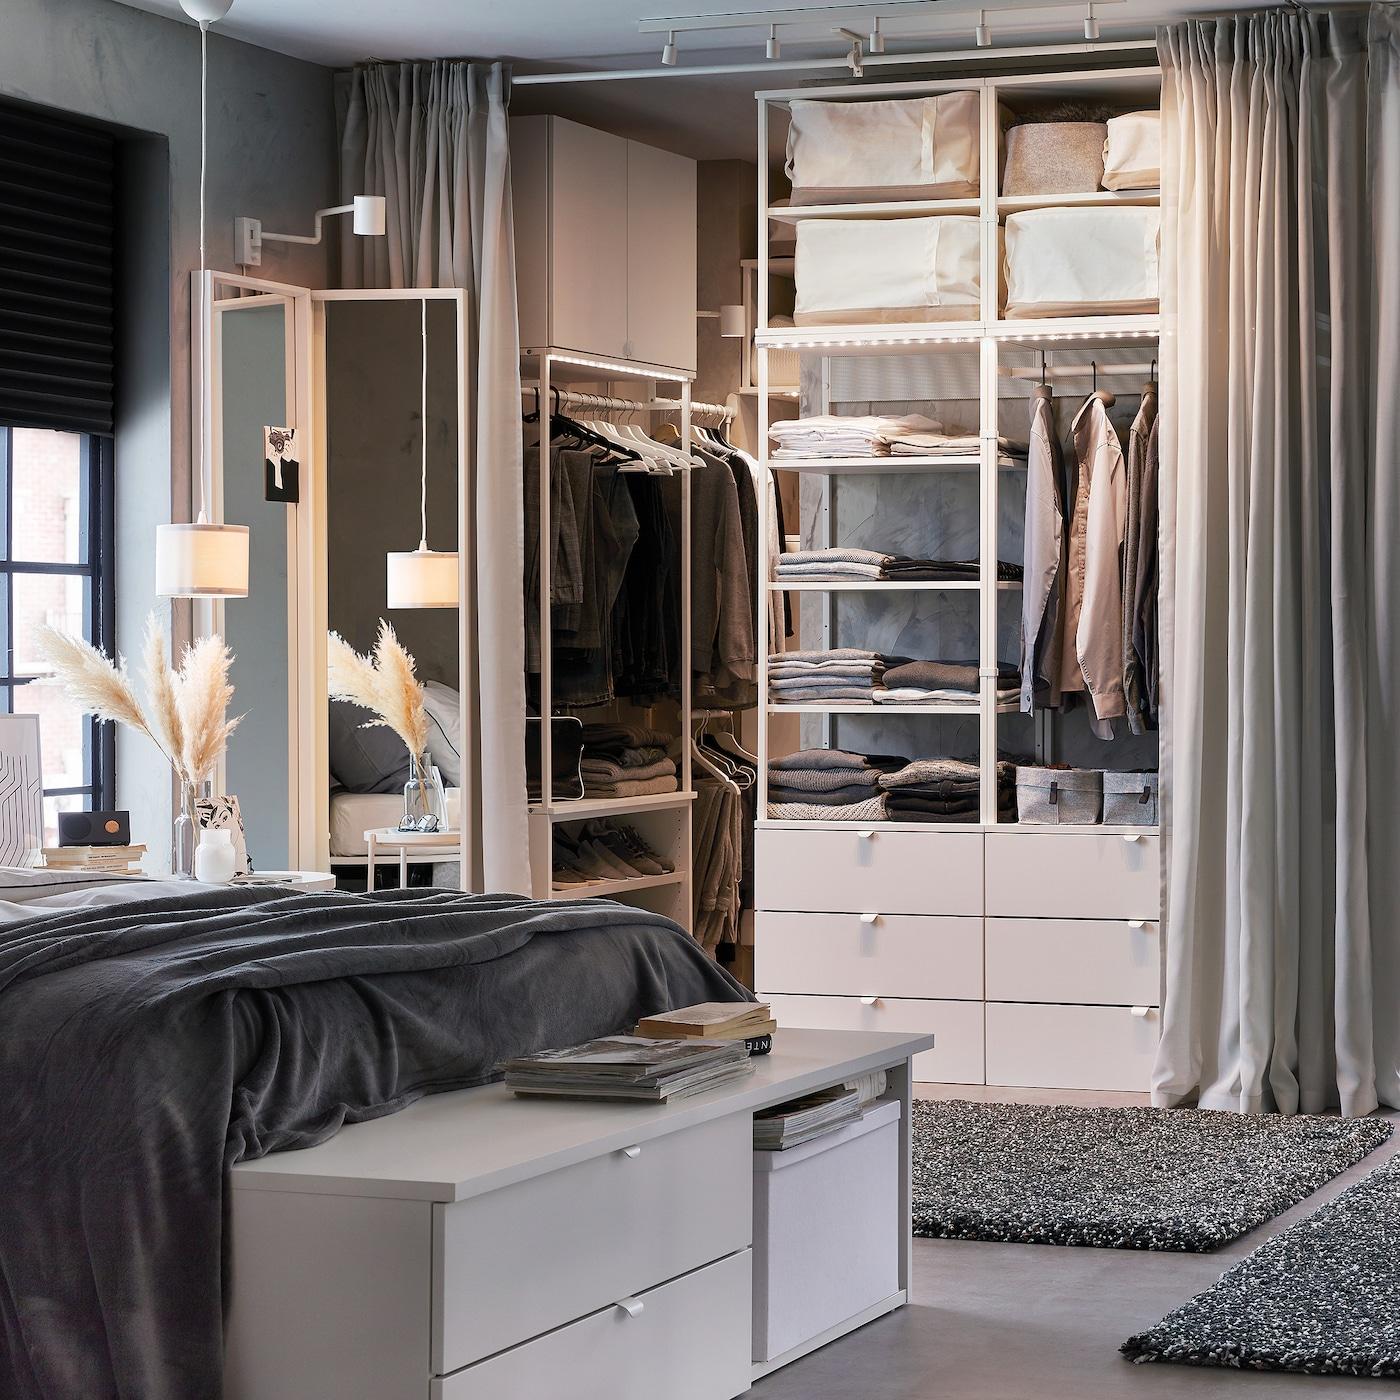 Biało-szara sypialnia z białą ławą z szufladami, otwartą szafą, jasnoszarymi zasłonami i ciemnoszarymi dywanami.